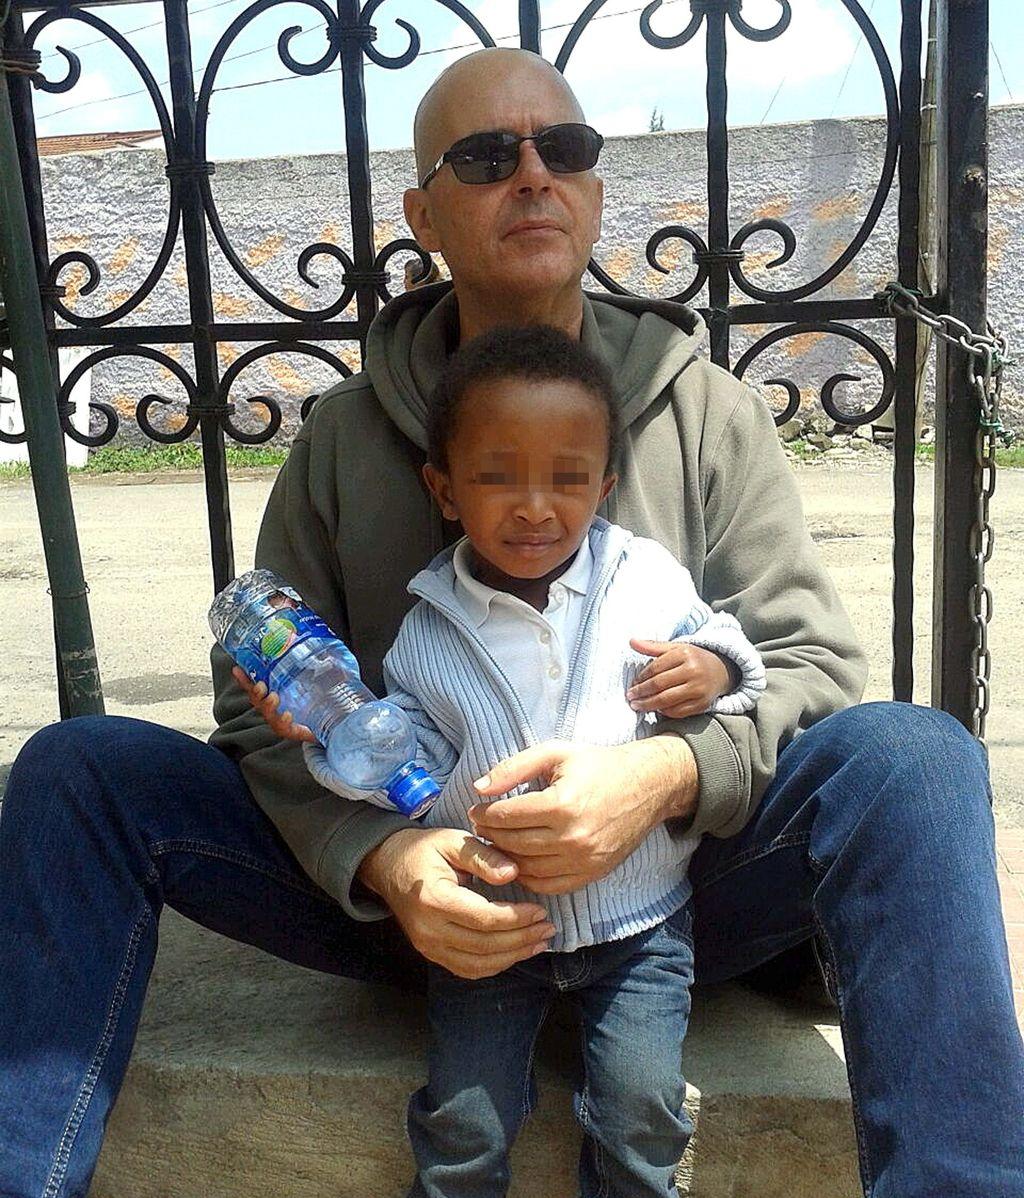 Una semana más de espera para saber si le devuelven a sus hijos adoptados